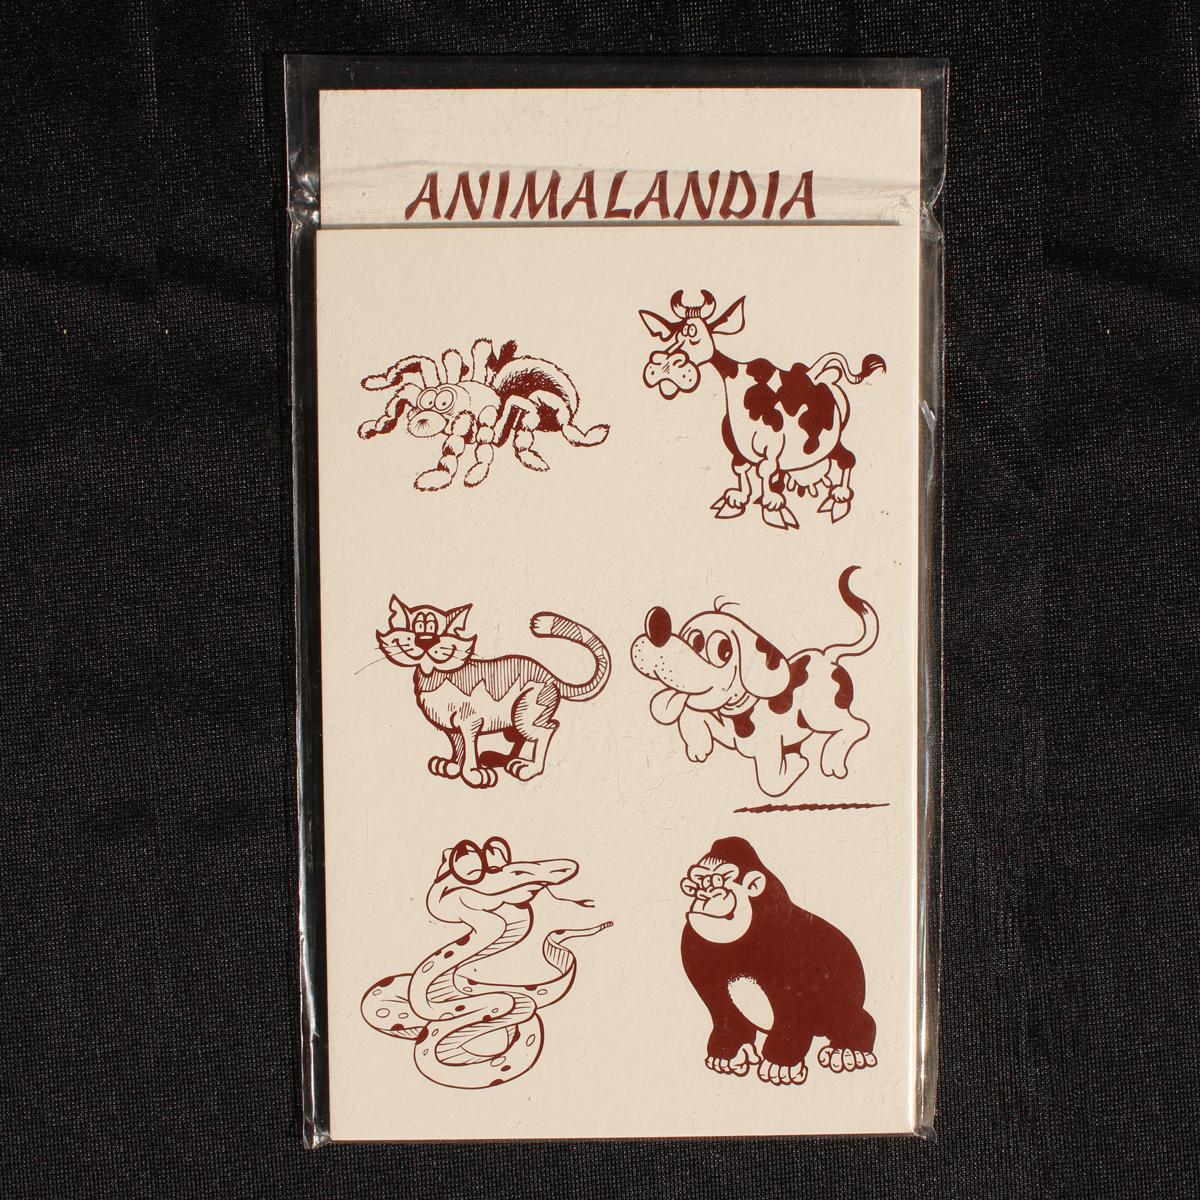 R006-animalandia-cat-(1)